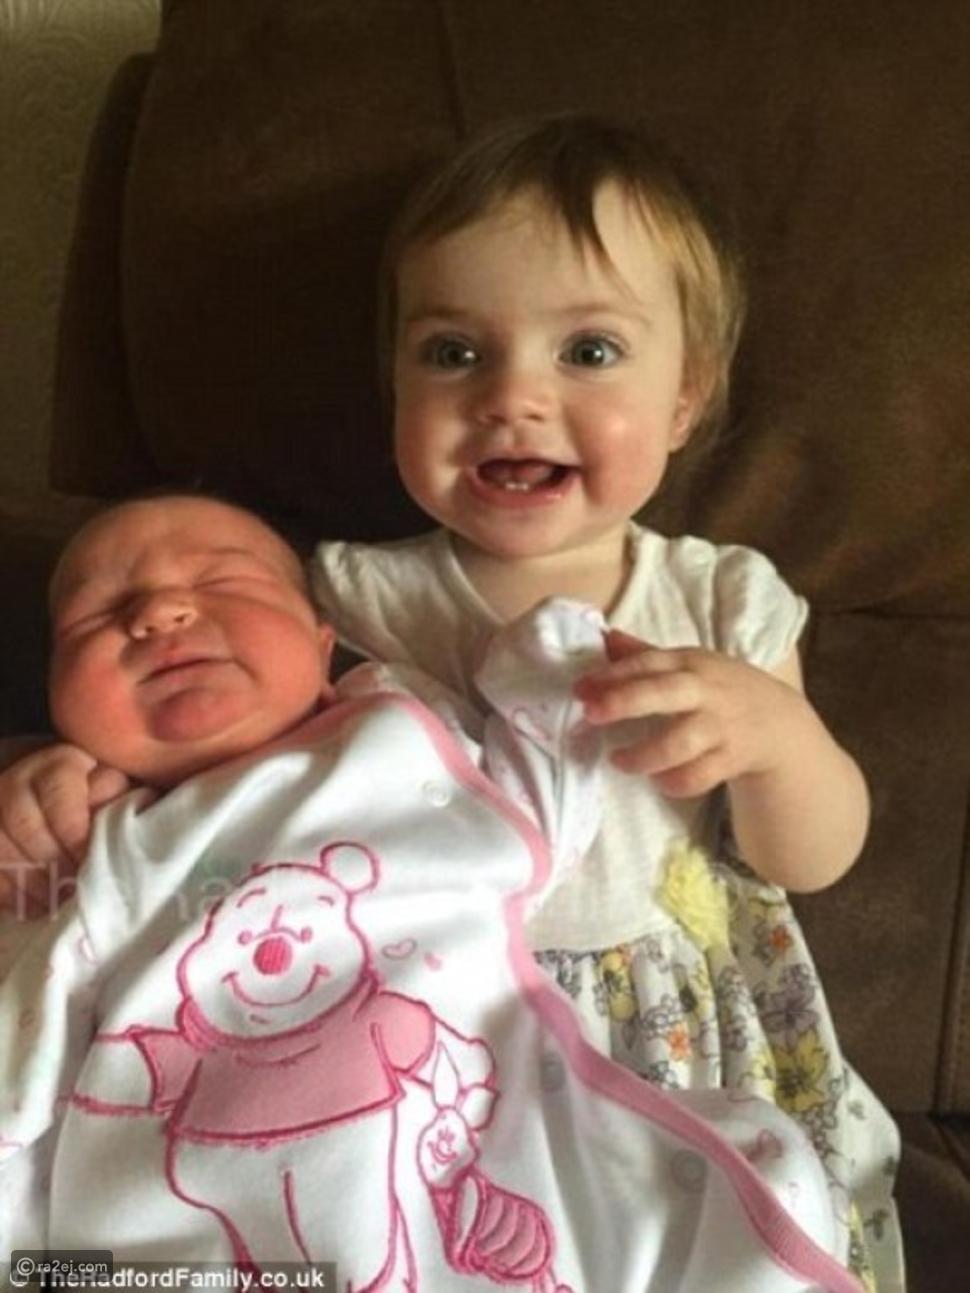 أسرة بريطانية تستقبل مولودها الـ19 وسط احتفال كبير.. شاهدوا الصور